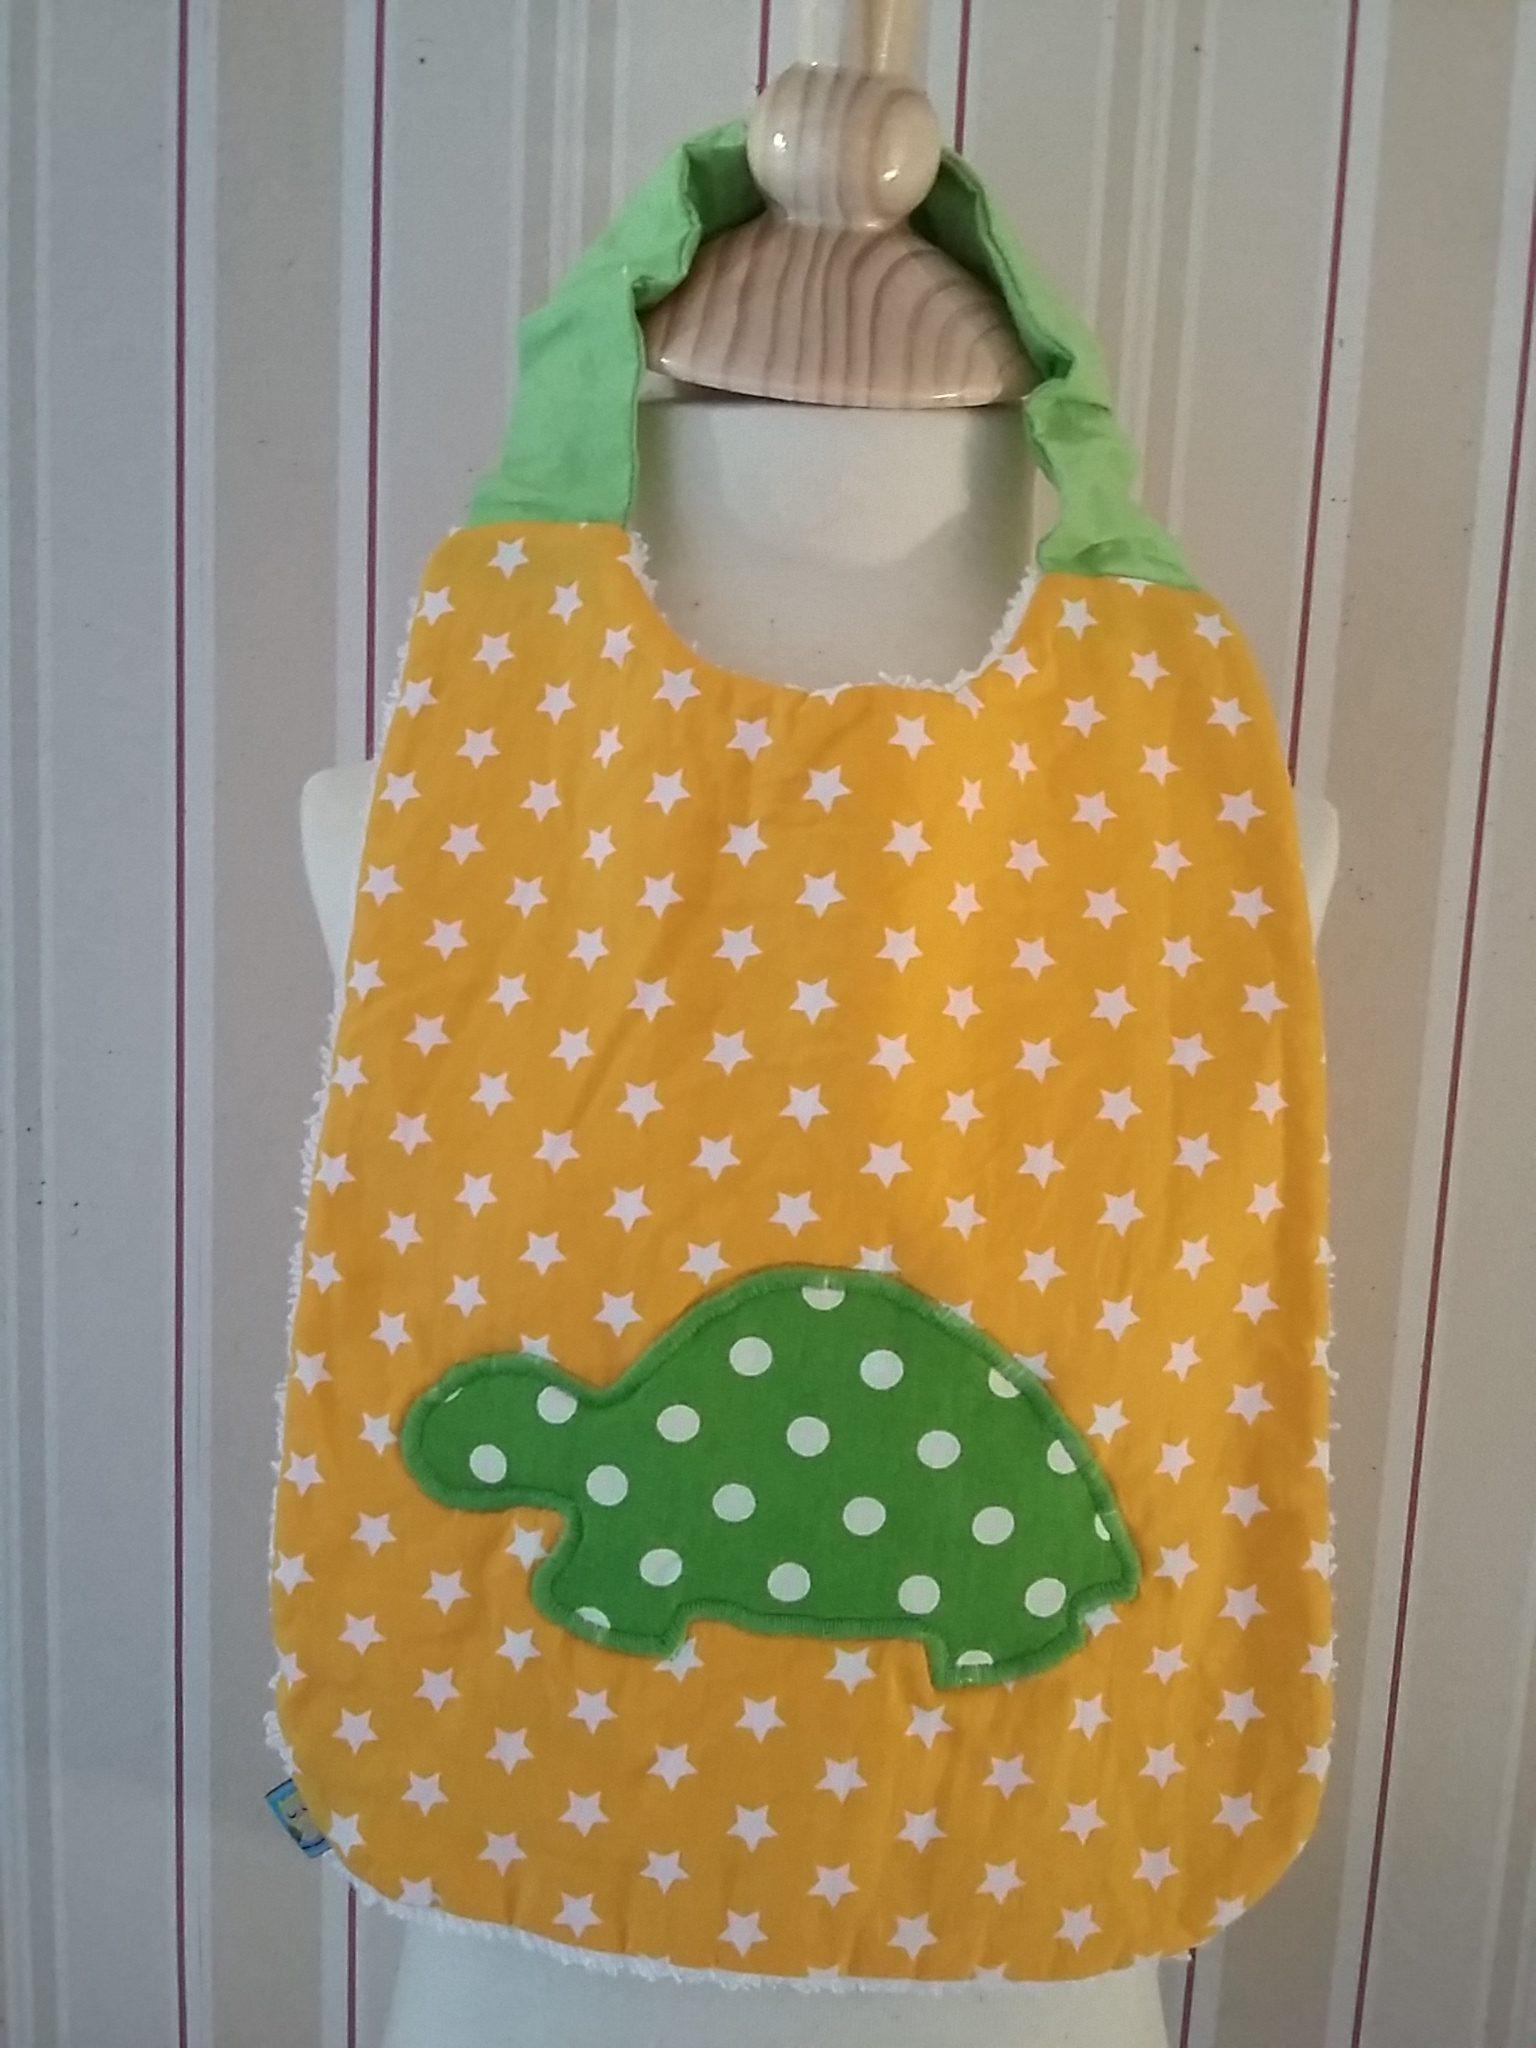 Bavoir à étoiles blanches sur fond jaune, avec appliqué motif tortue à pois blancs sur fond vert : 12 €